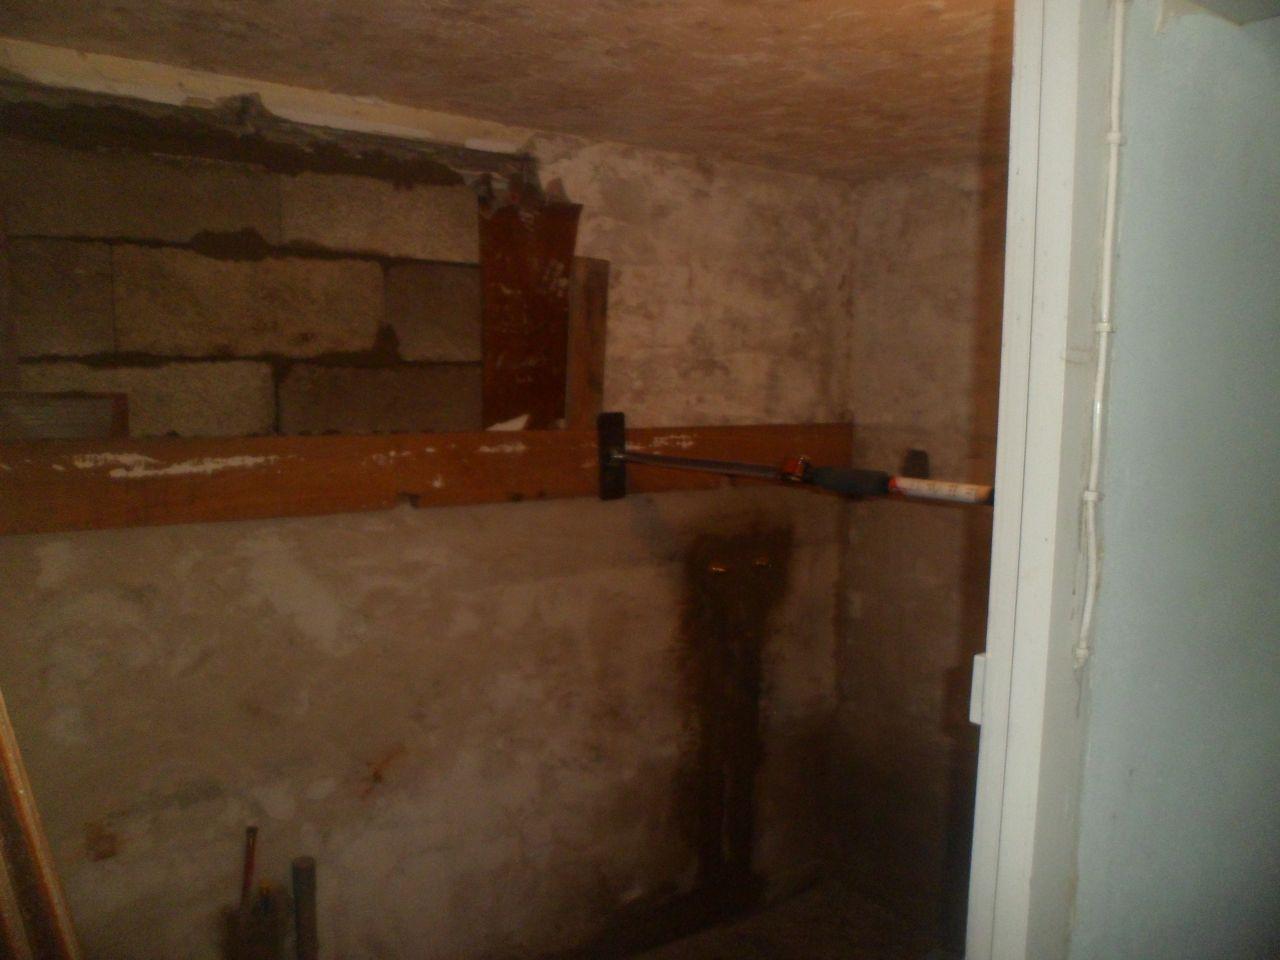 Rebouchage de la fenêtre existante (l'extension se trouvera derrière).